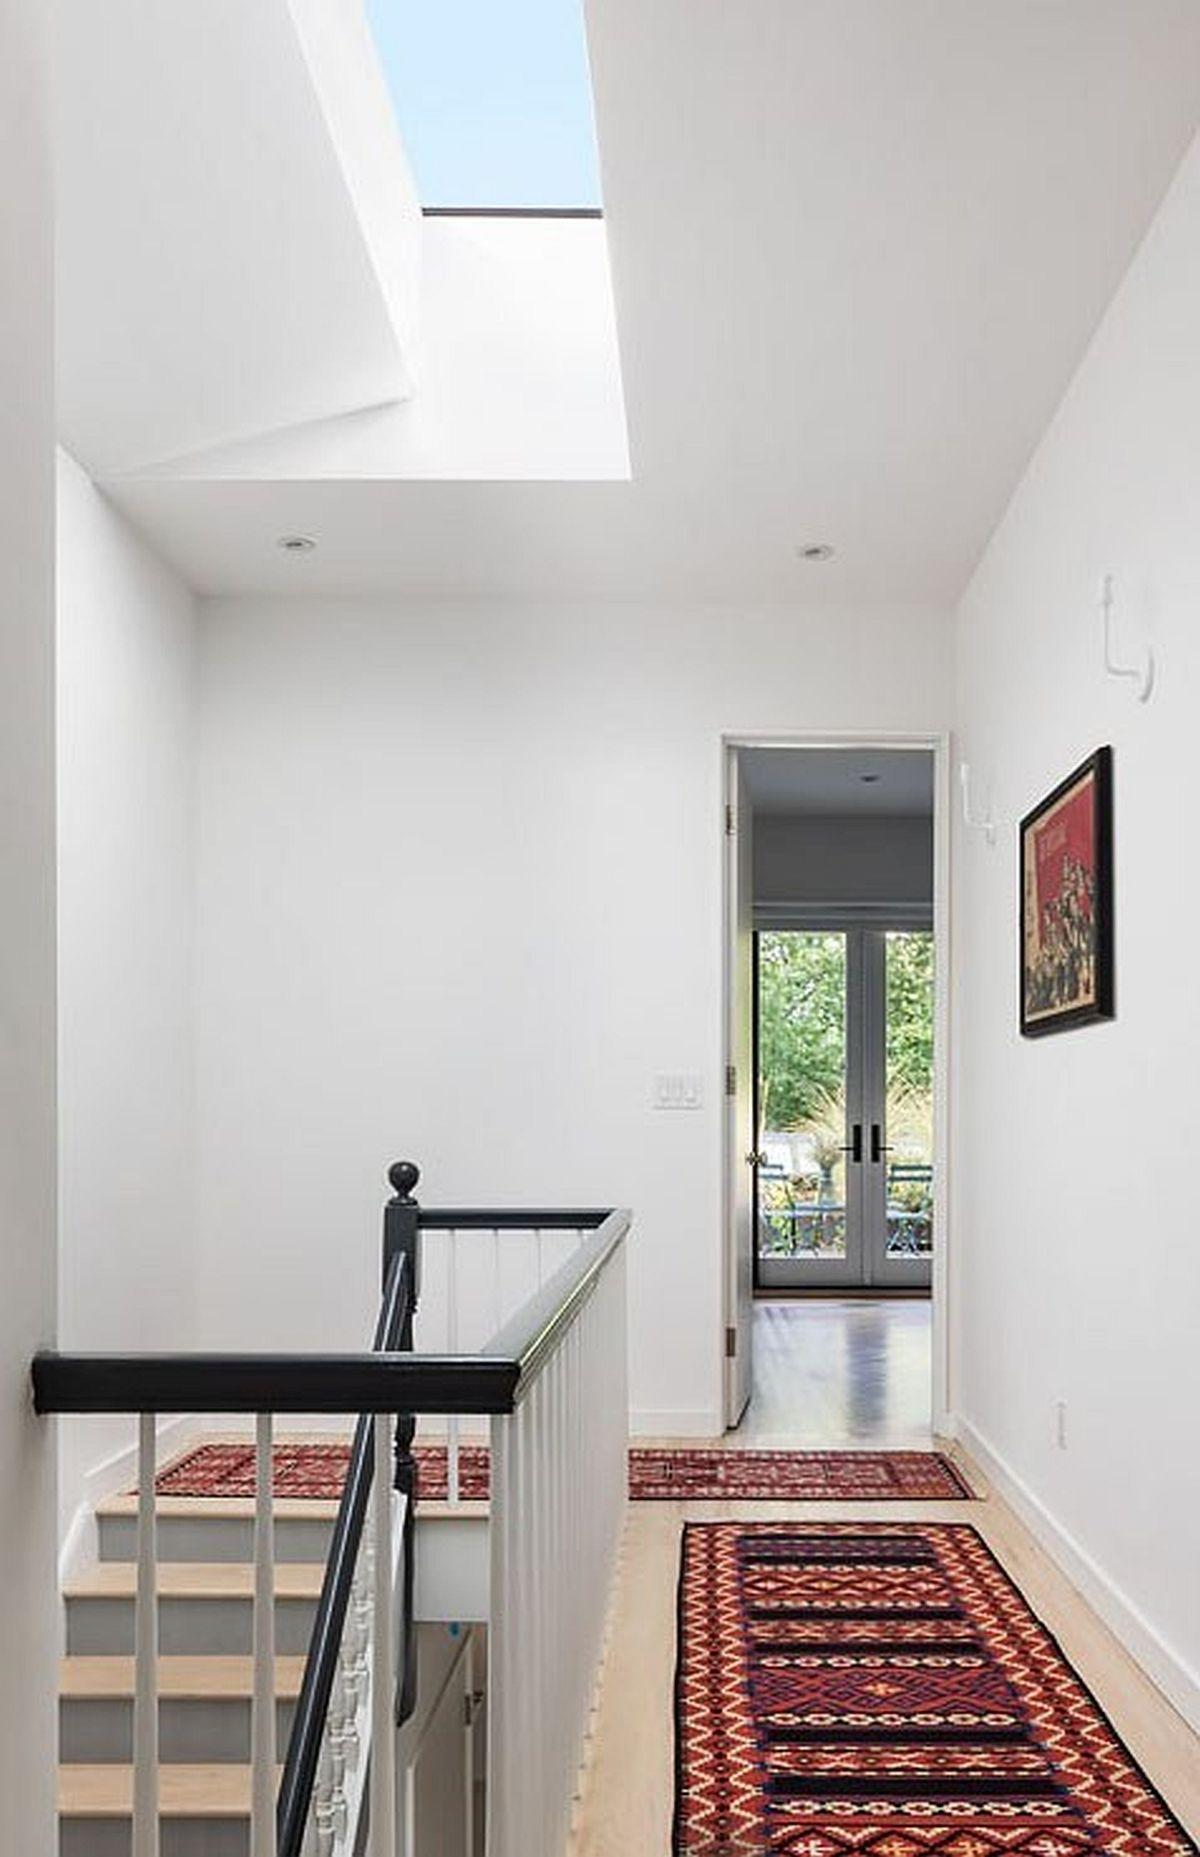 Deasupra casei scării arhitecții au prevăzut un luminator în acoperișul casei astfel ca și acest spațiu să beneficieze de lumină naturală.